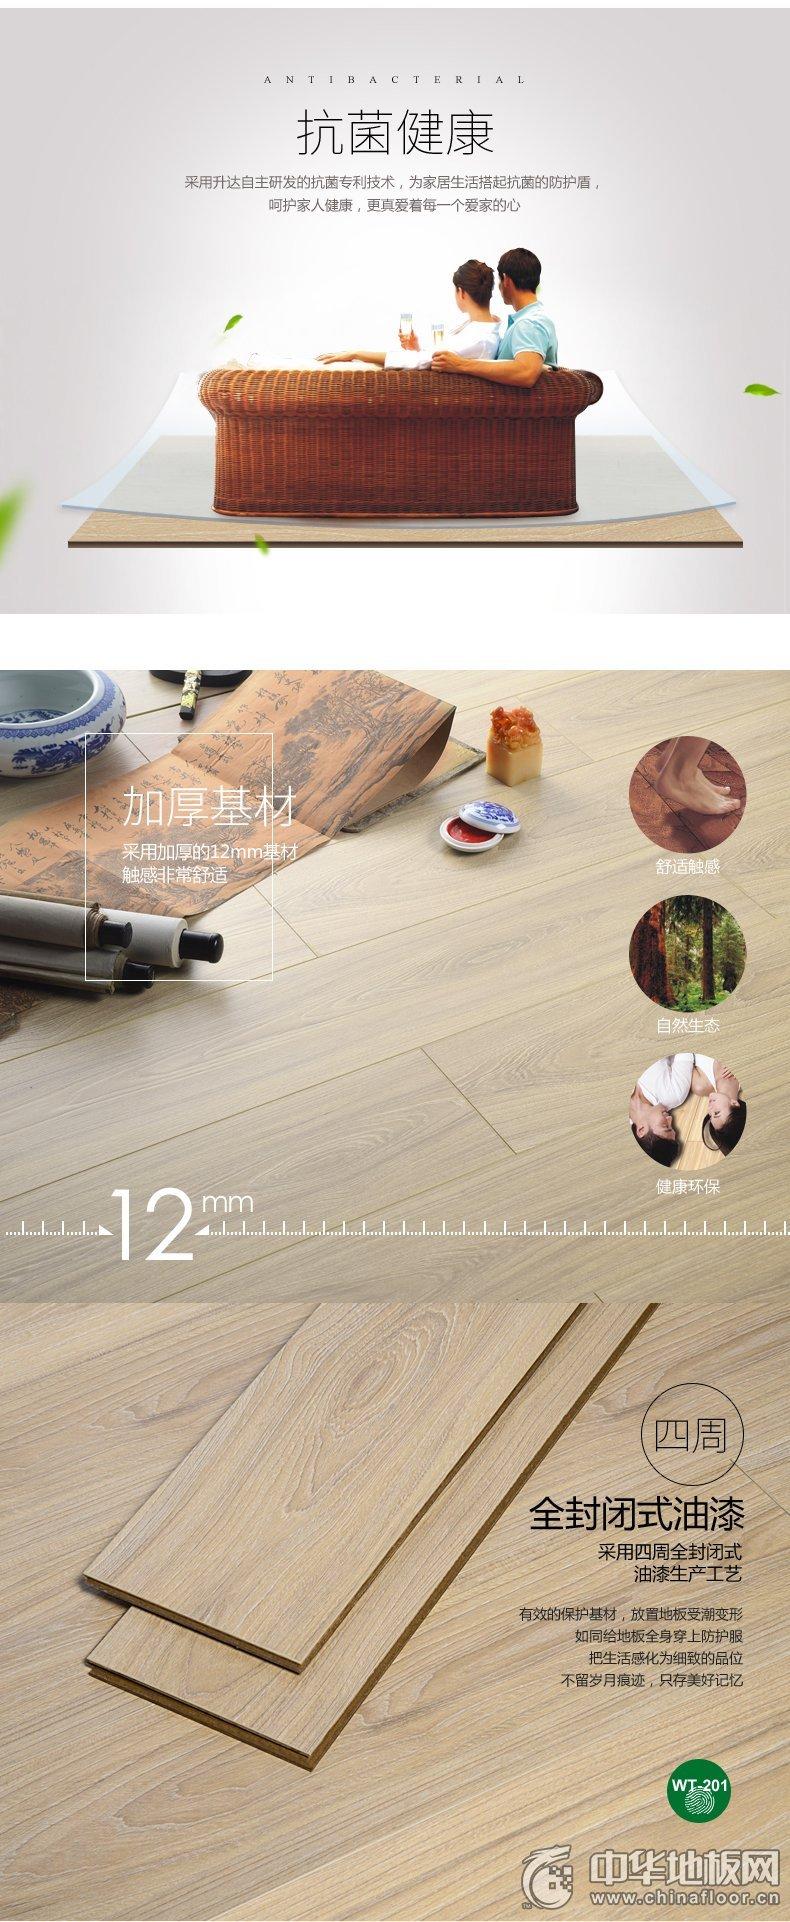 升达强化复合地板WT-201 12mm仿实木 工厂直销